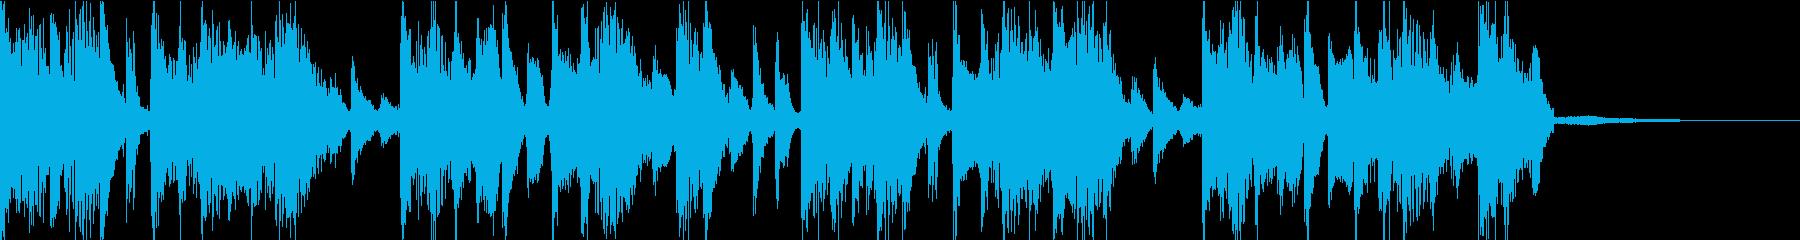 電子系なファンク感溢れるバンドジングルの再生済みの波形